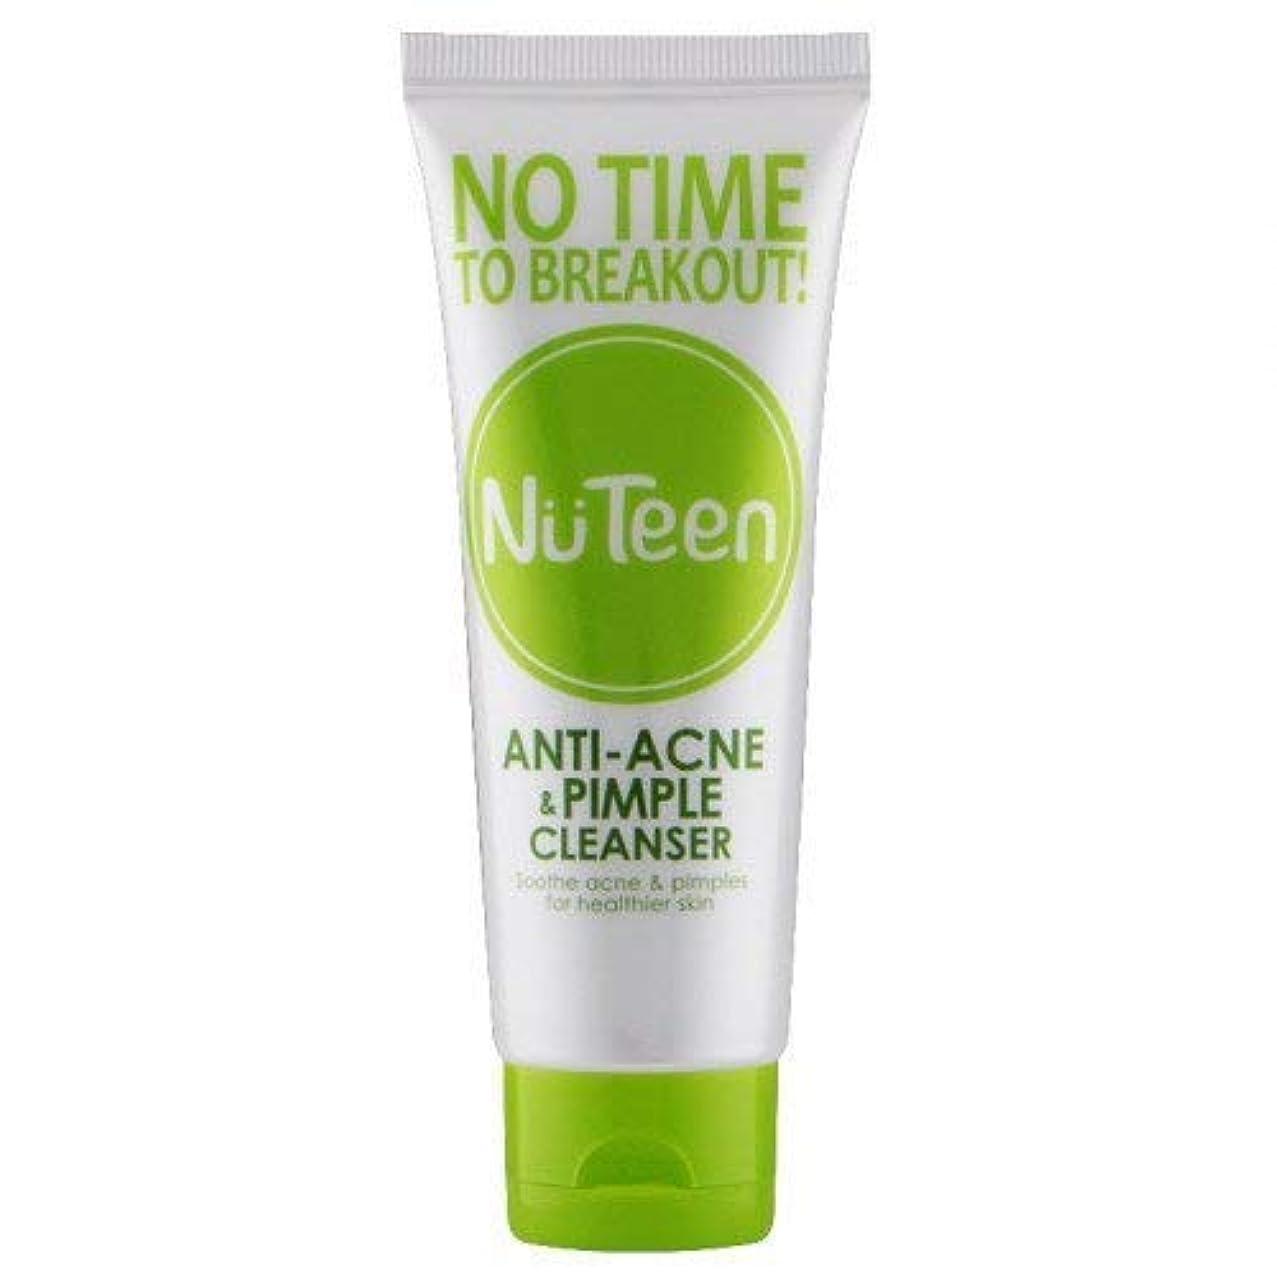 有限文言アナロジーNuteen 抗ニキビや吹き出物洗顔料は優しく効果的にきれい100g-乾燥せずに余分な油や汚れを取り除きます